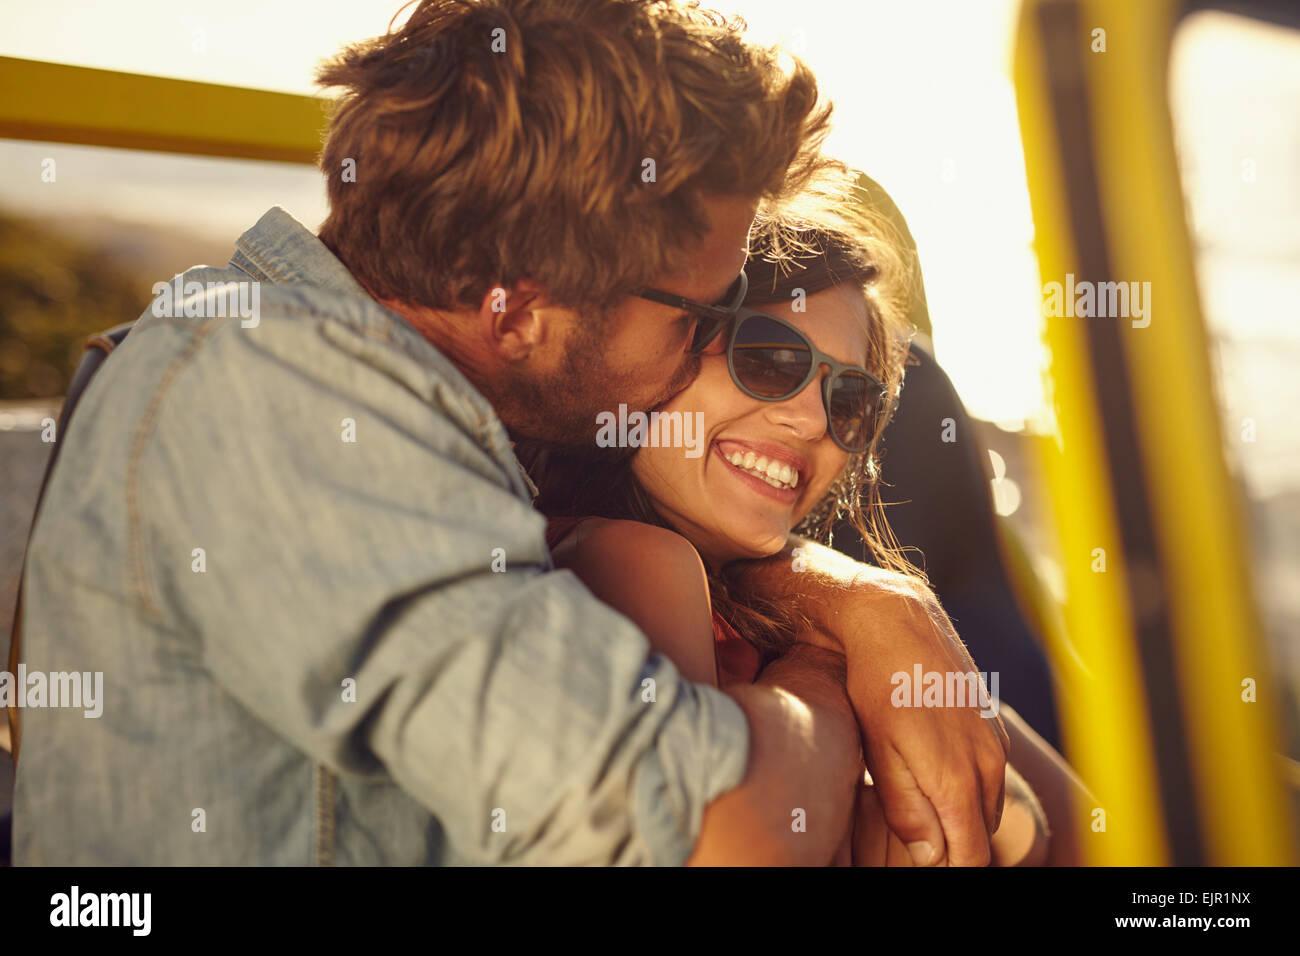 Giovane uomo abbracciando e baciando la sua bella ragazza durante un viaggio. Coppia romantica in una vettura nel Immagini Stock